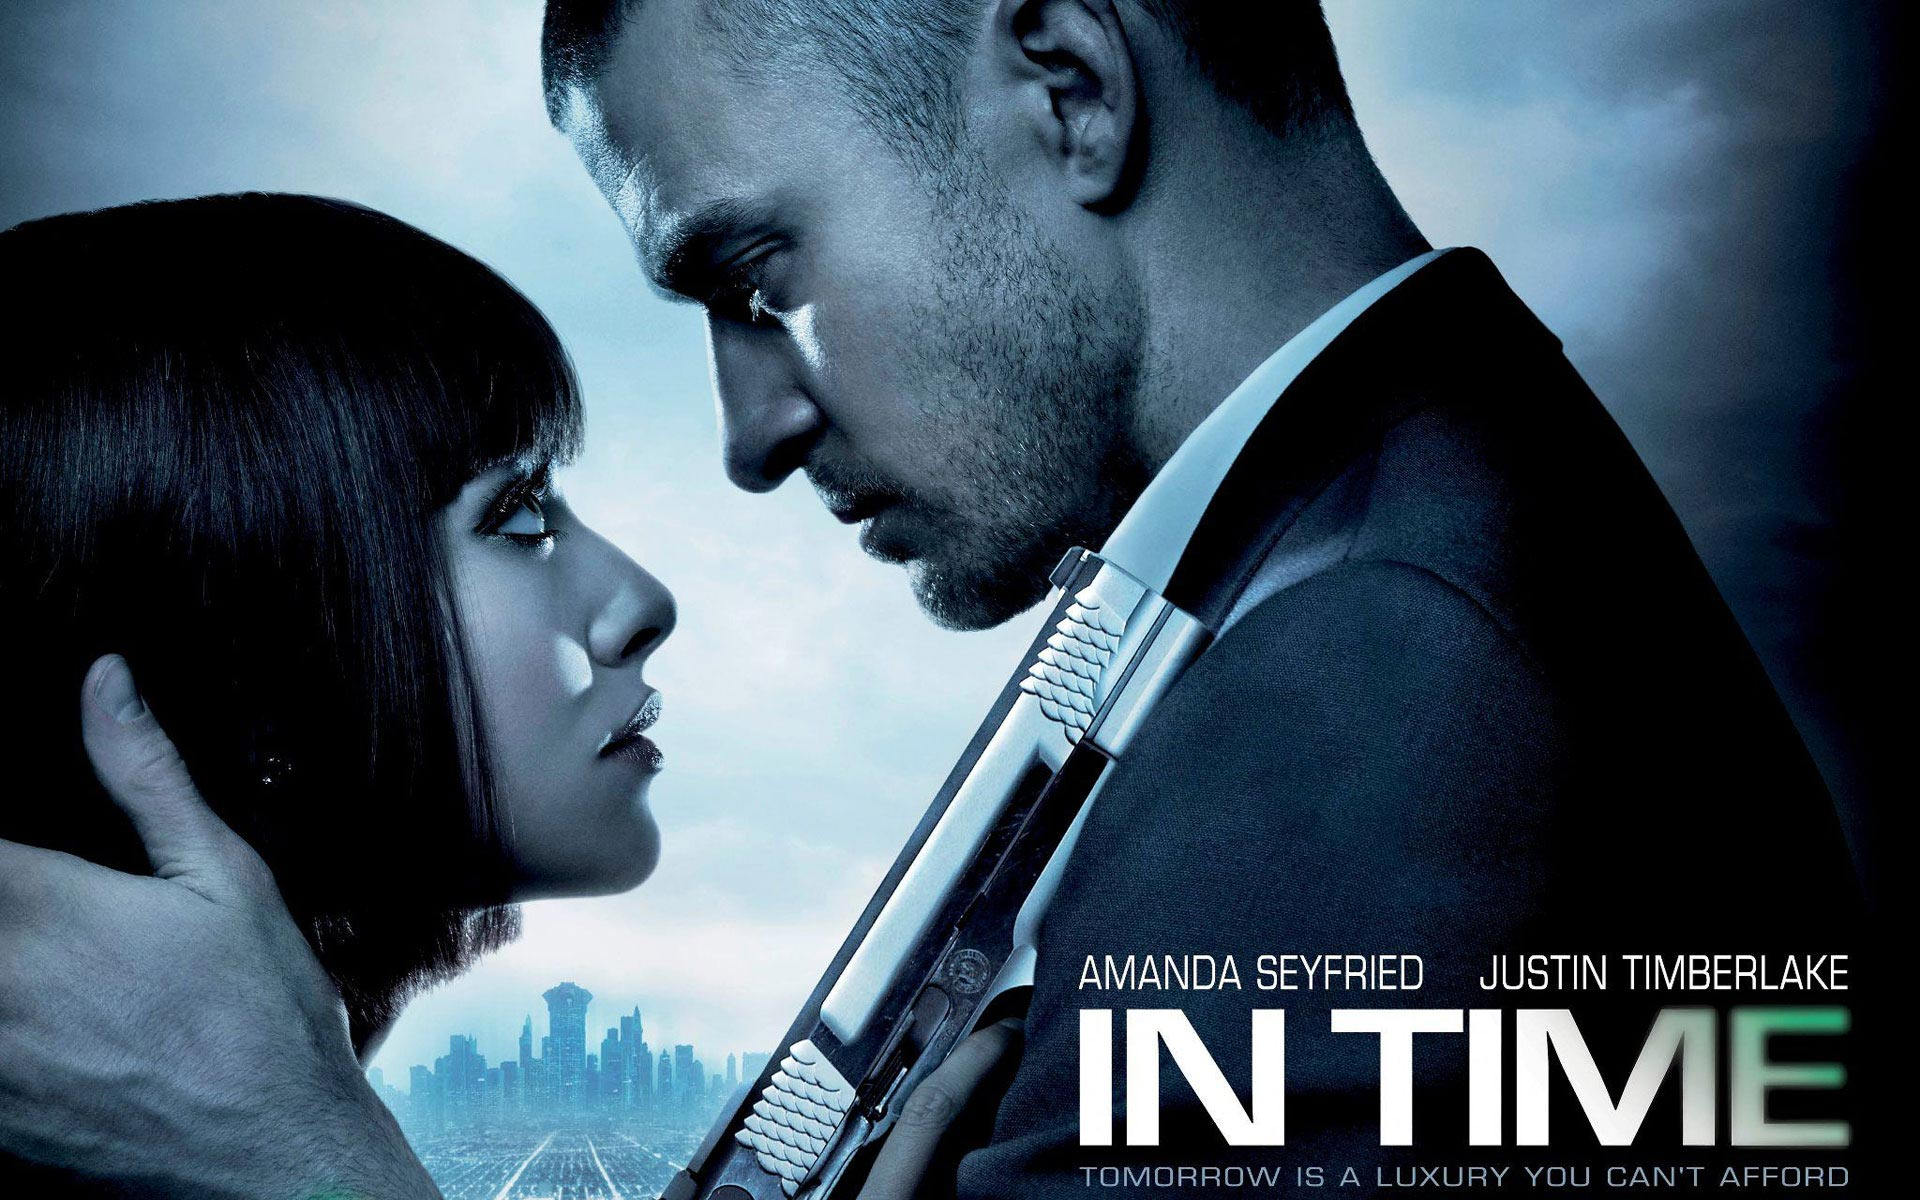 In time 2011 bilder in time movie hintergr 252 nde hd hintergrund and